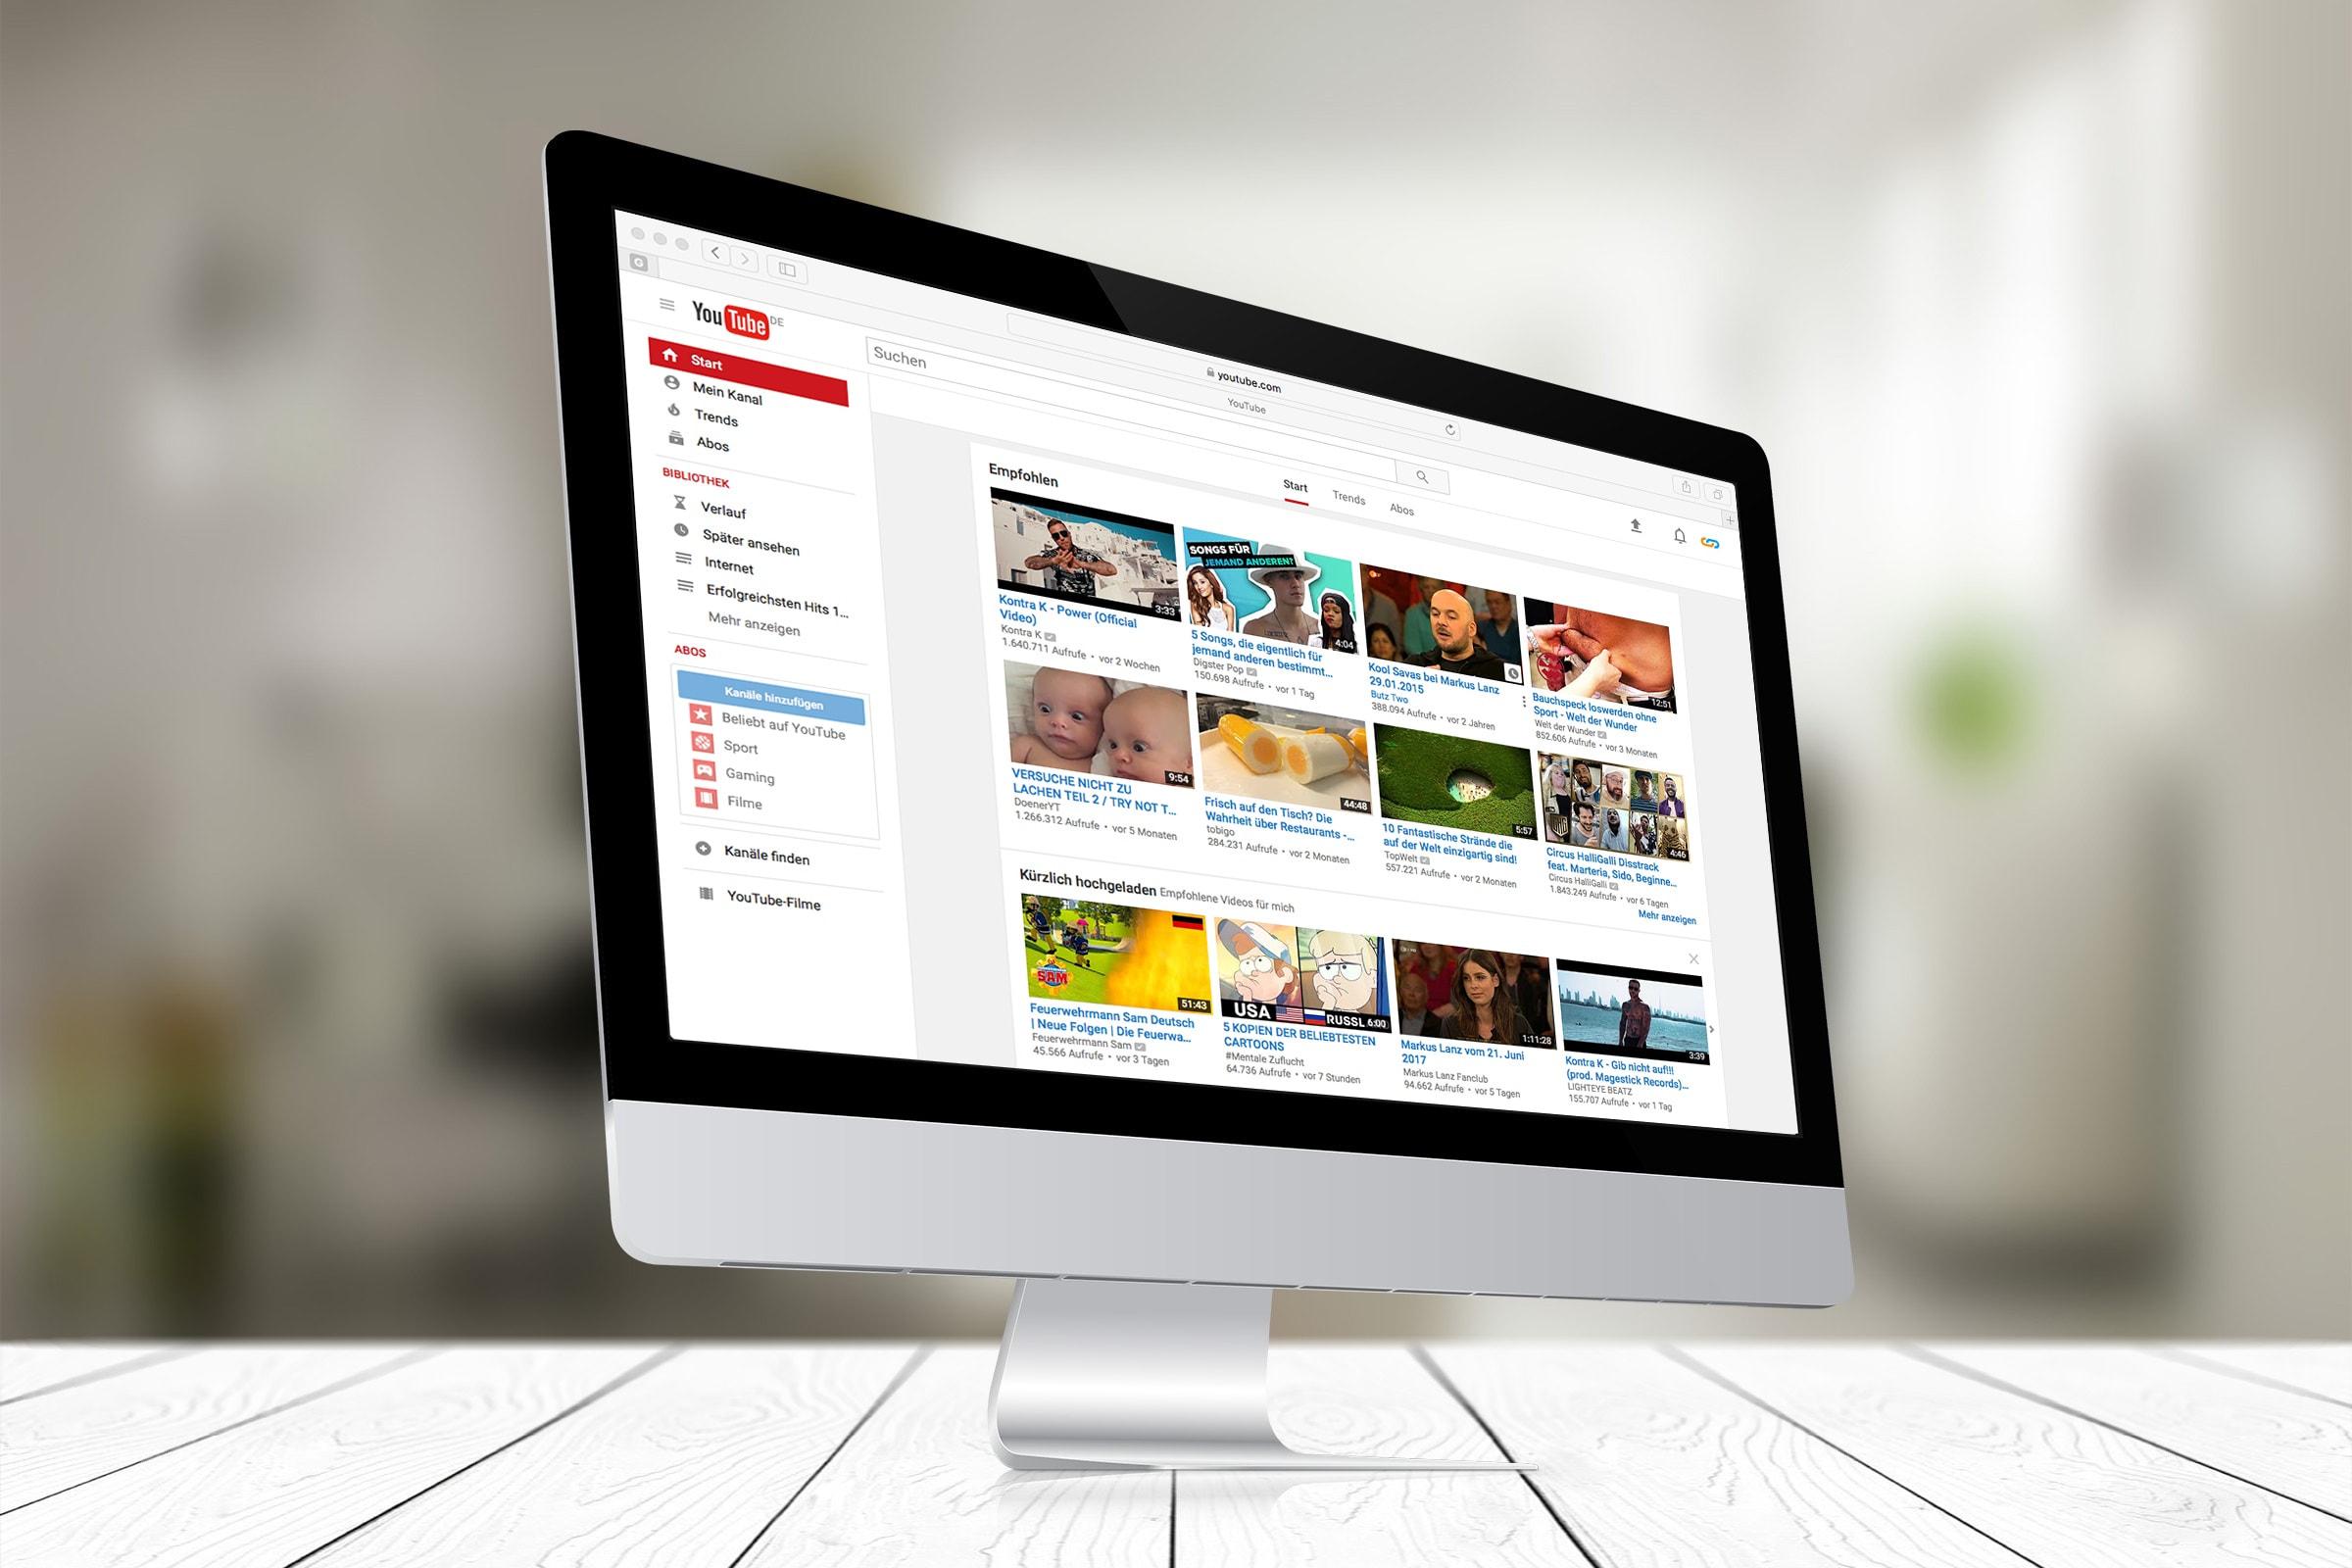 【YouTube】サムネイルの設定方法とデザインポイントまとめ